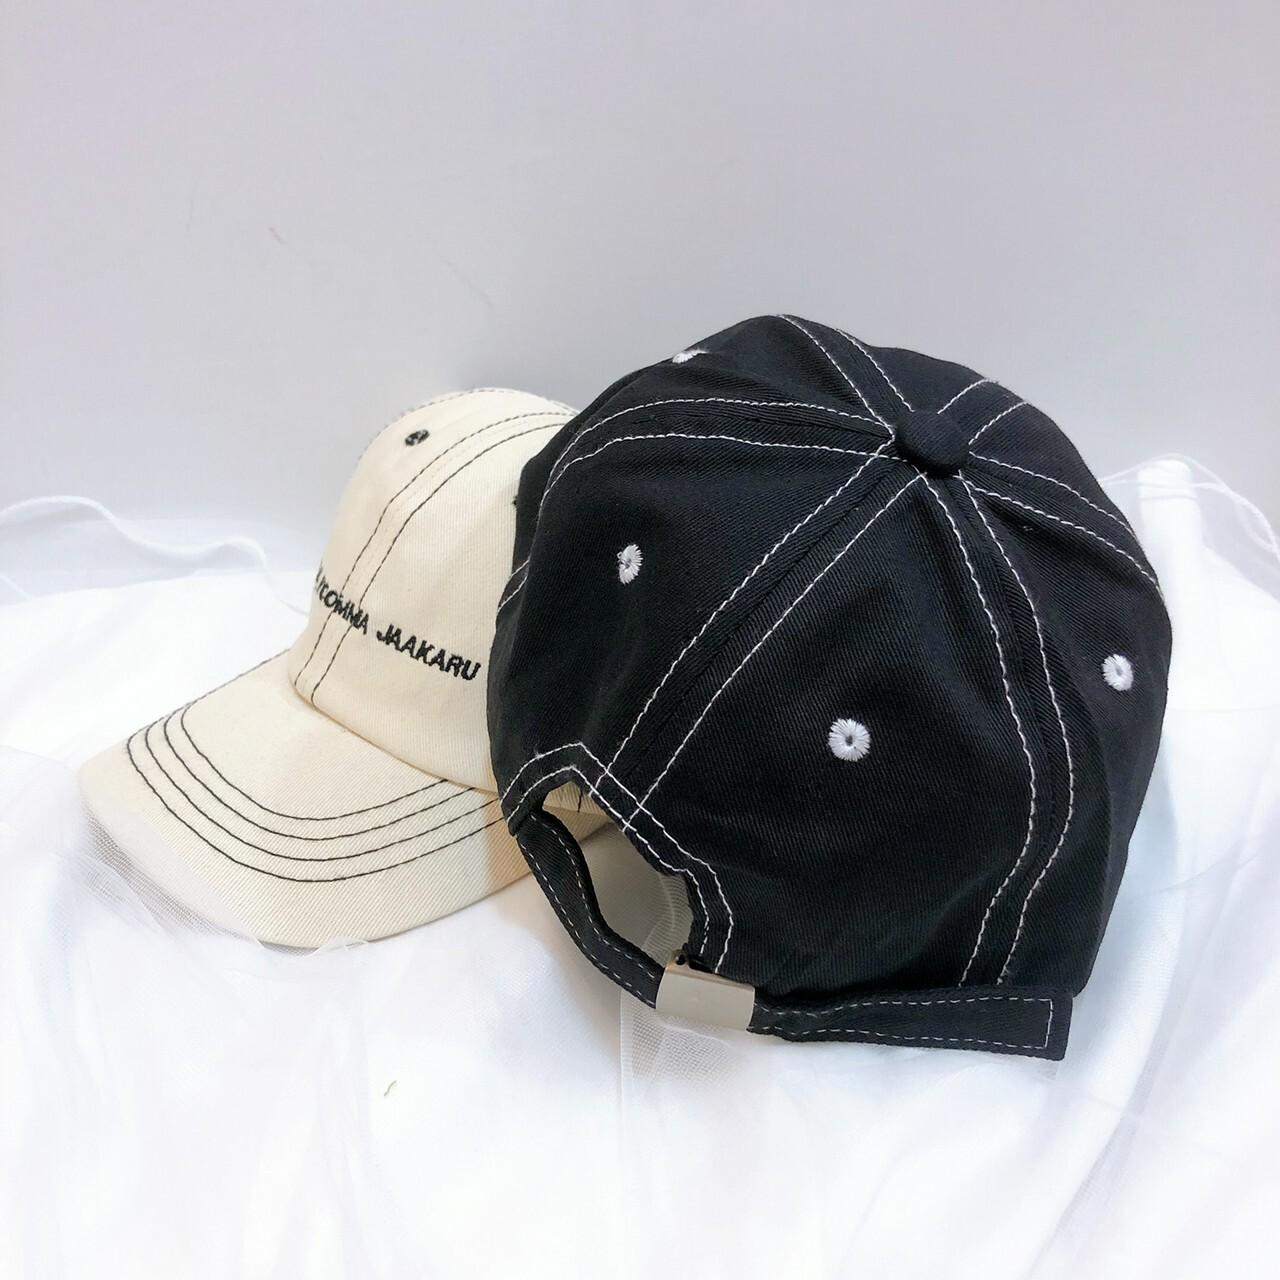 成泰0512(帽子、包)_210518_13.jpg